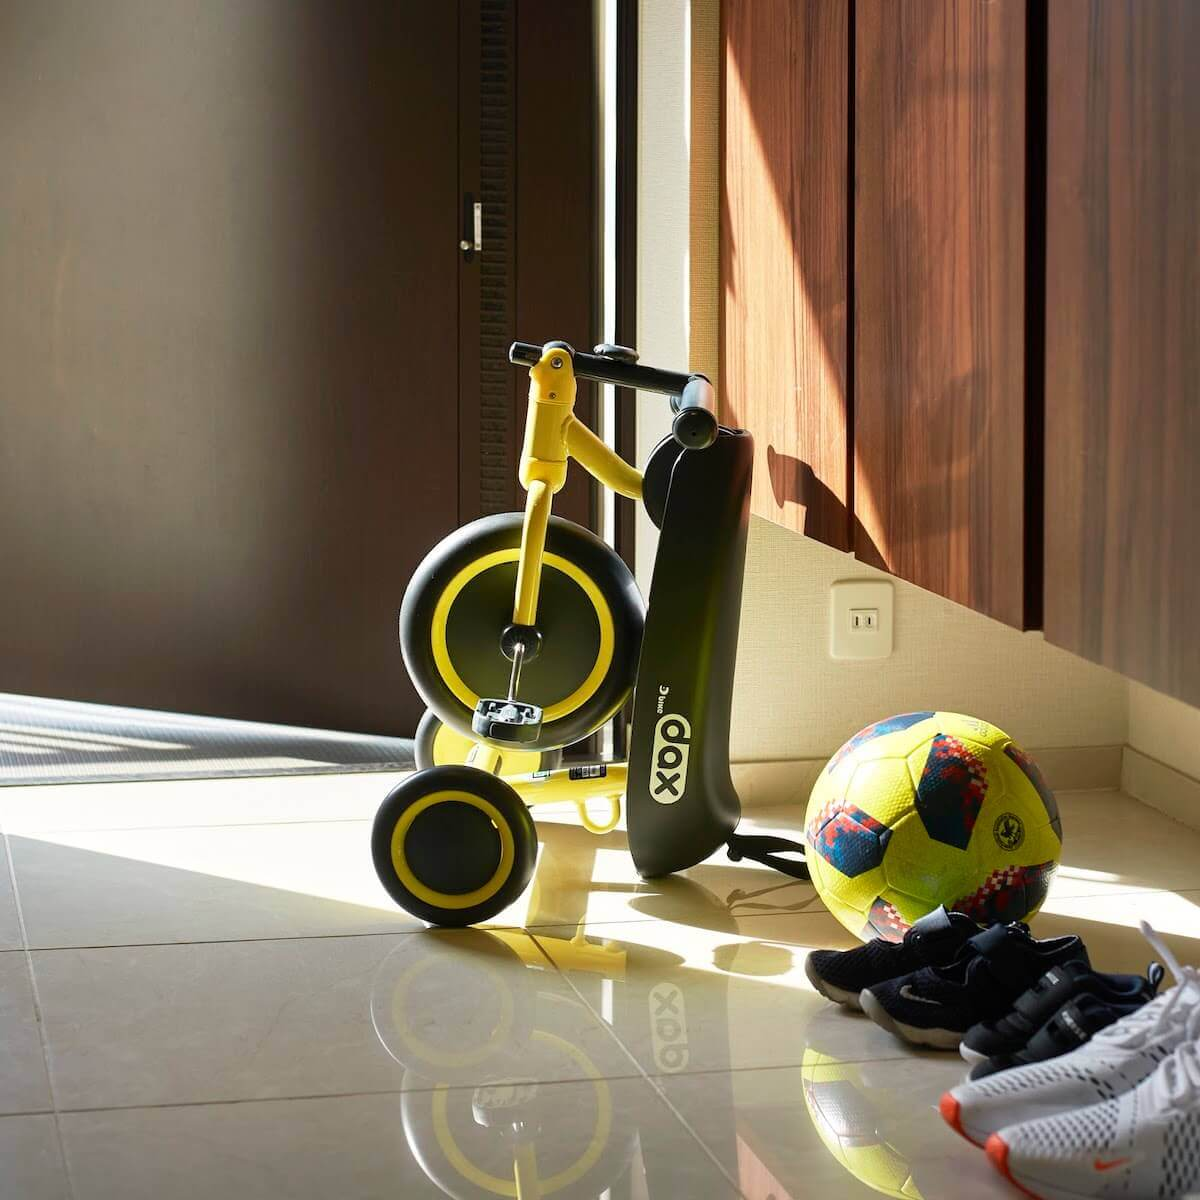 折りたたみ三輪車のメリット・デメリットとは?|おすすめ三輪車もご紹介